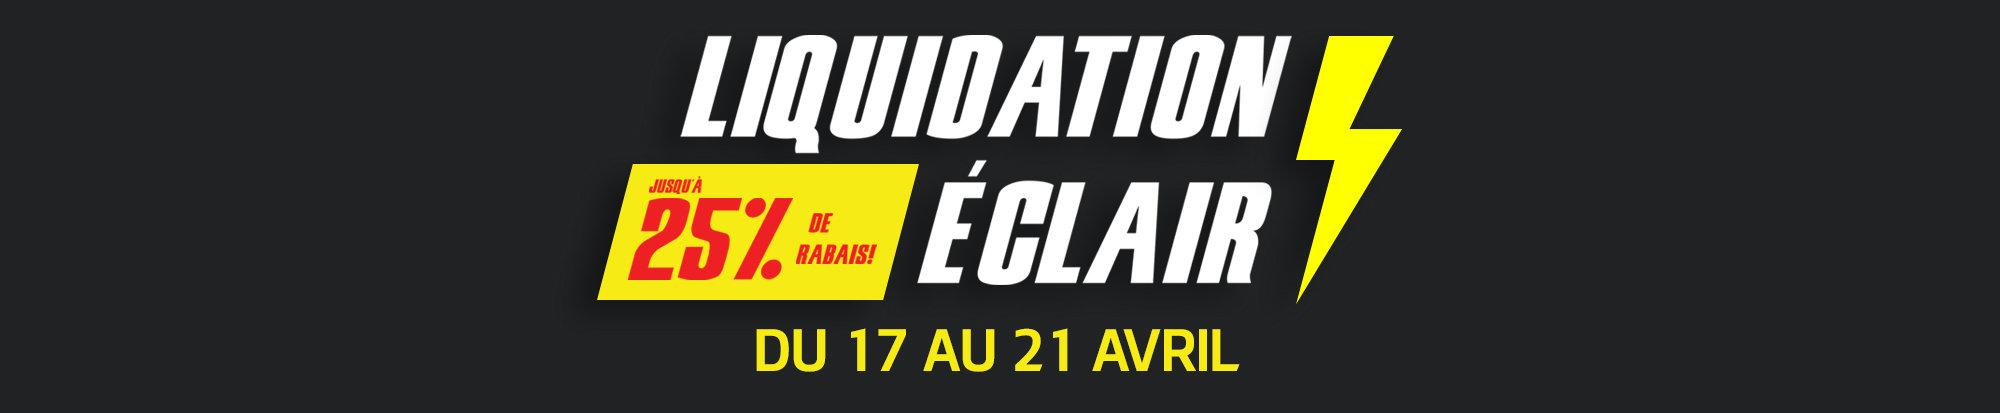 LIQUIDATION ÉCLAIR DE 5 JOURS KIA - web